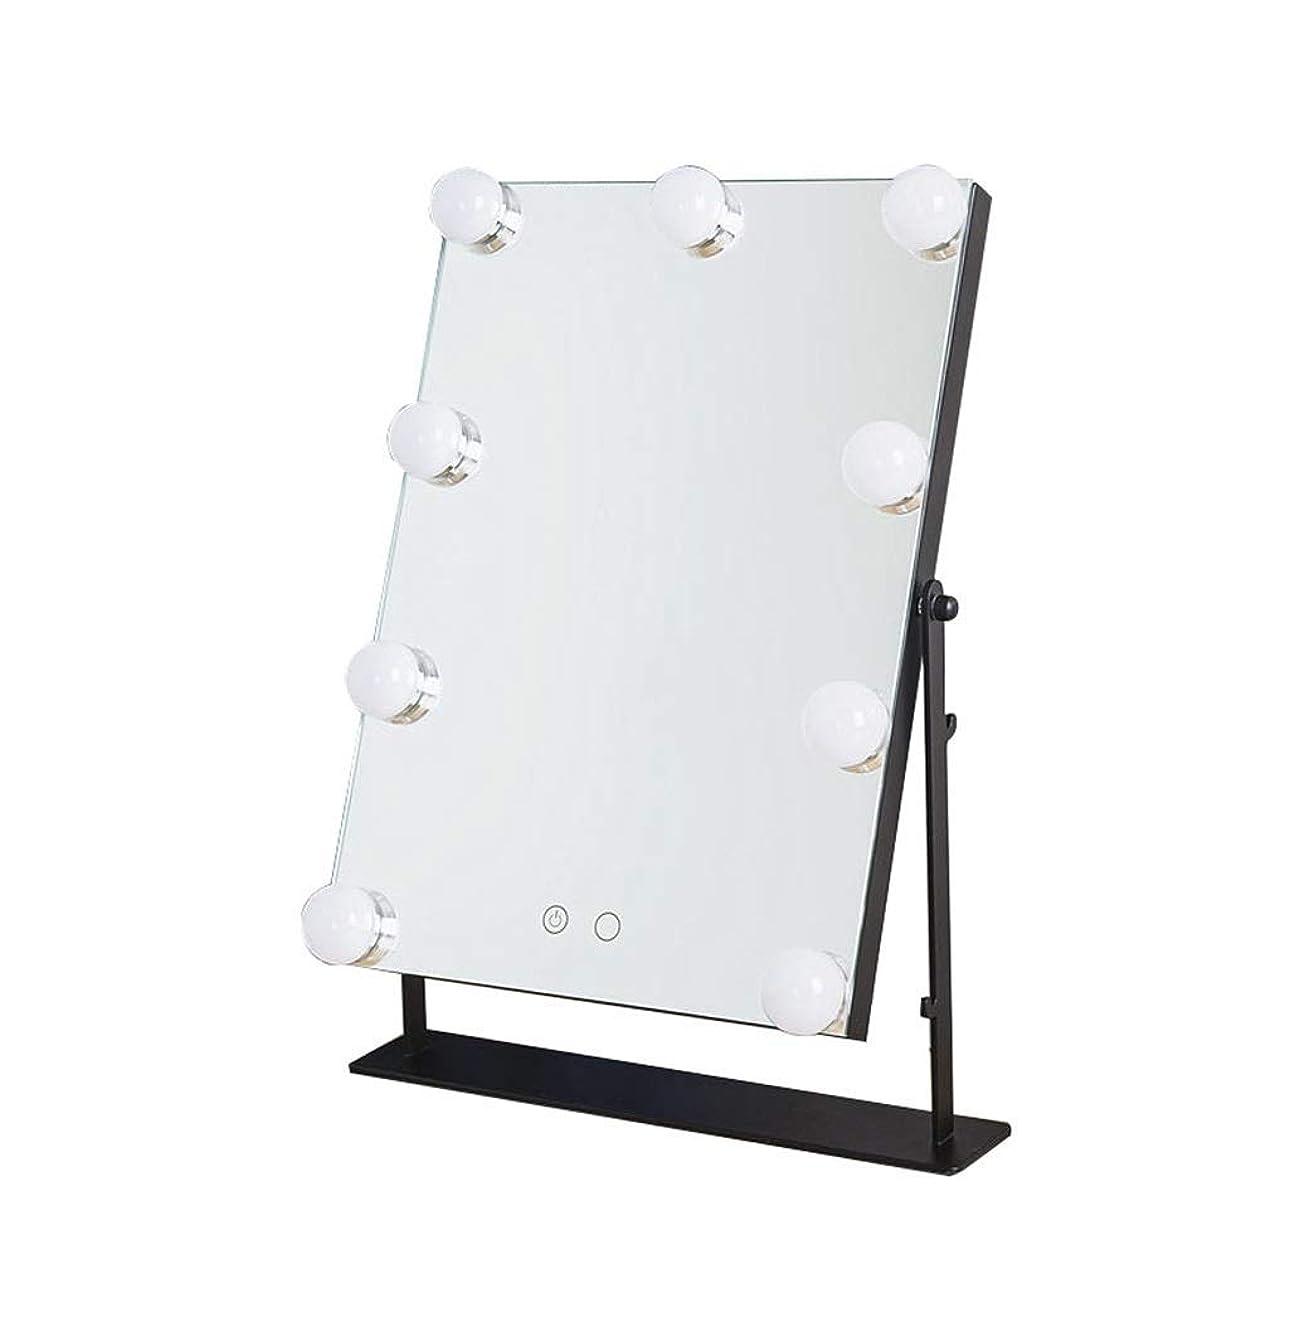 グラムそれに応じてパブミラーハリウッドスタイル9LED電球バニティミラー照明キット化粧鏡シェービングミラードレッシングテーブルA +(色:黒)